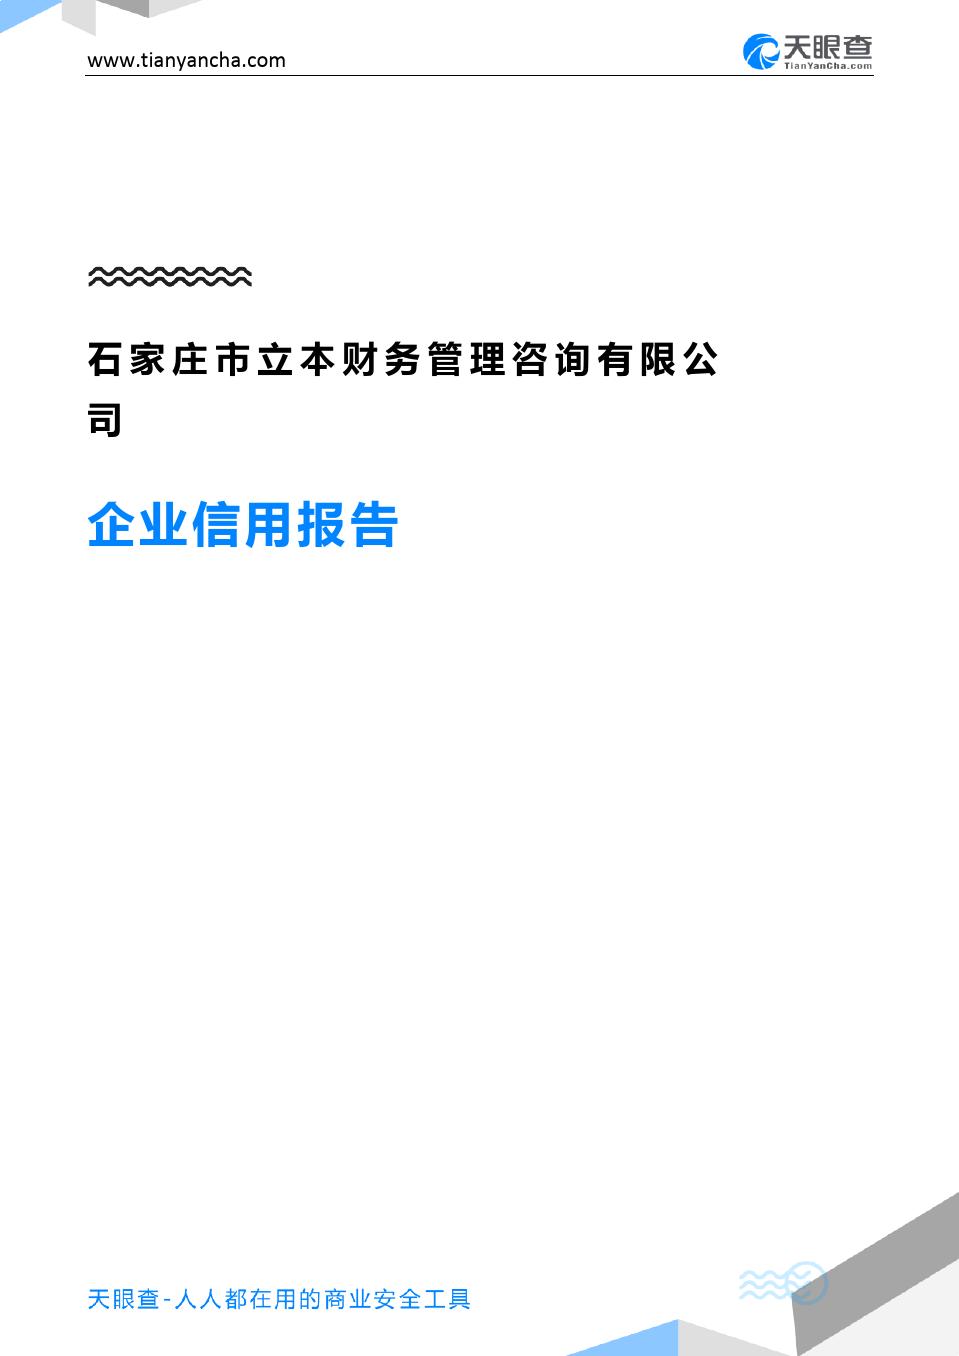 石家庄市立本财务管理咨询有限公司企业信用报告-天眼查